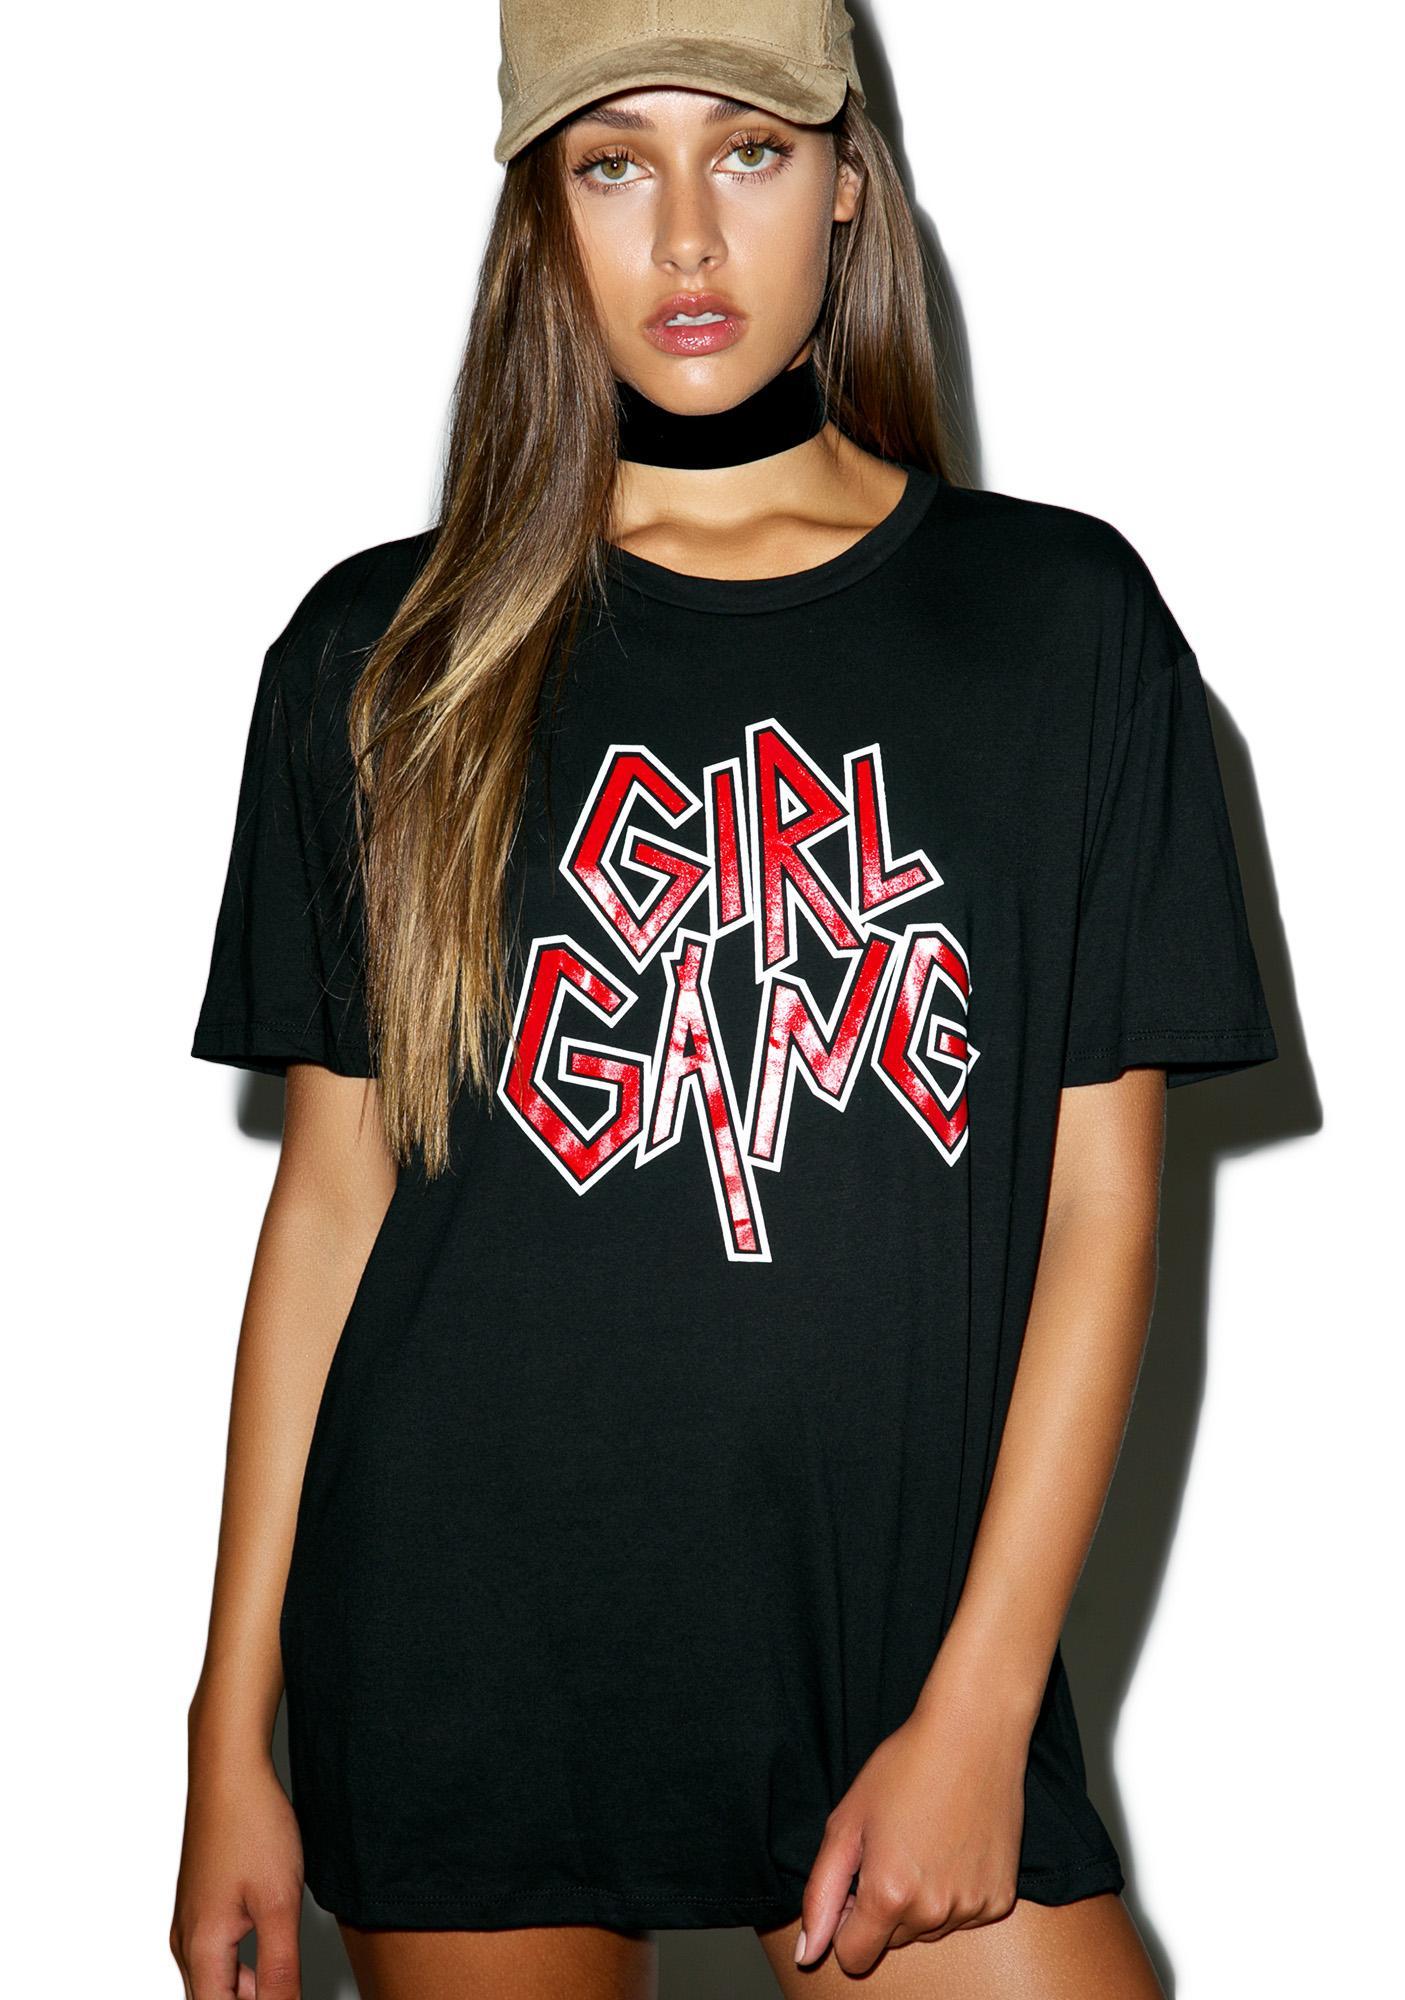 Motel Girl Gang Tee